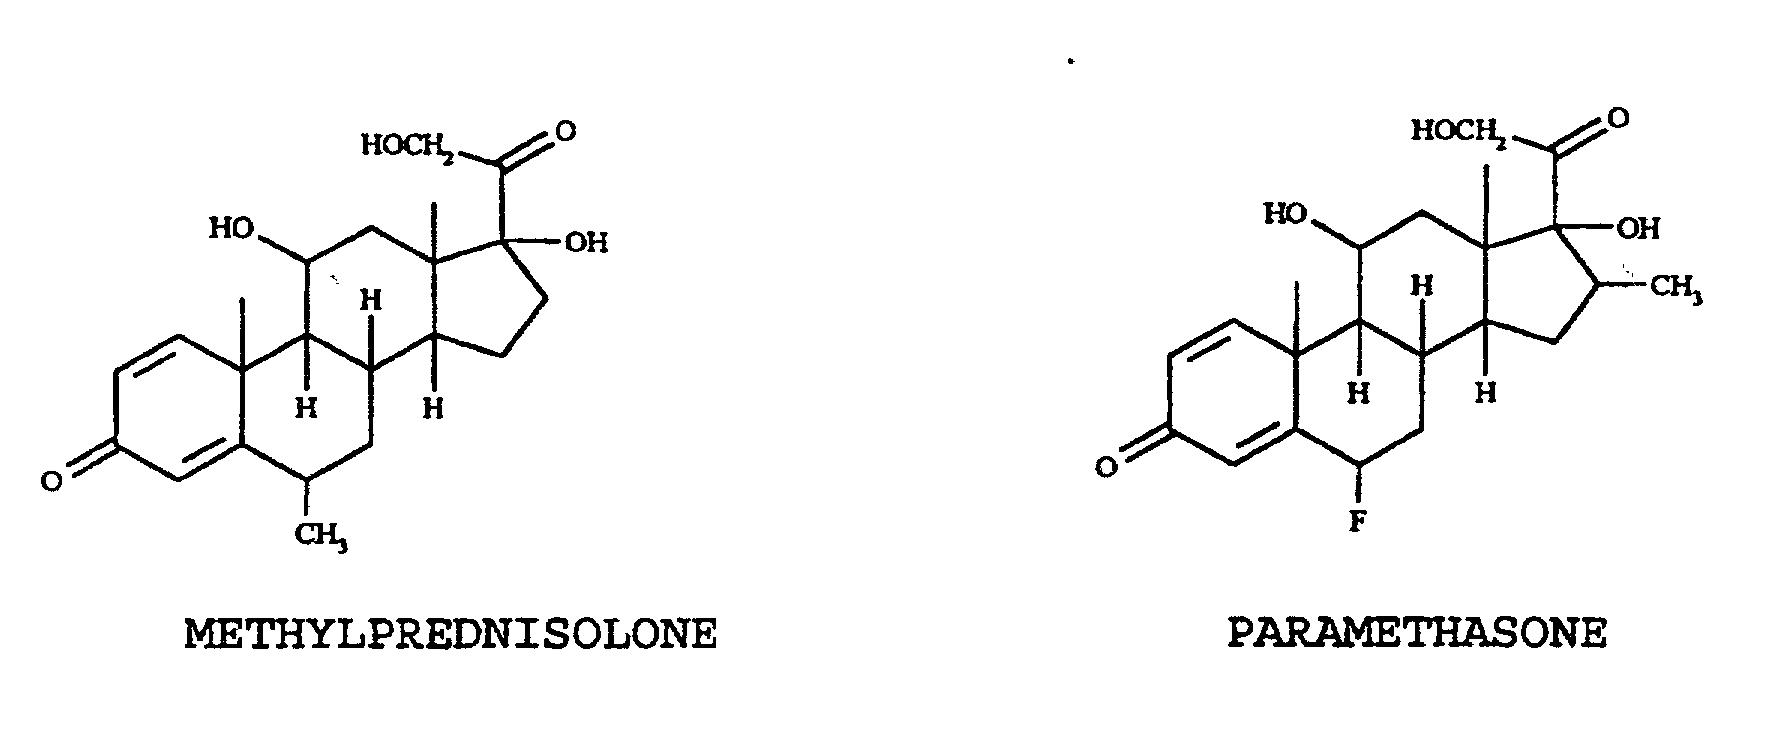 adrenocorticosteroids drugs